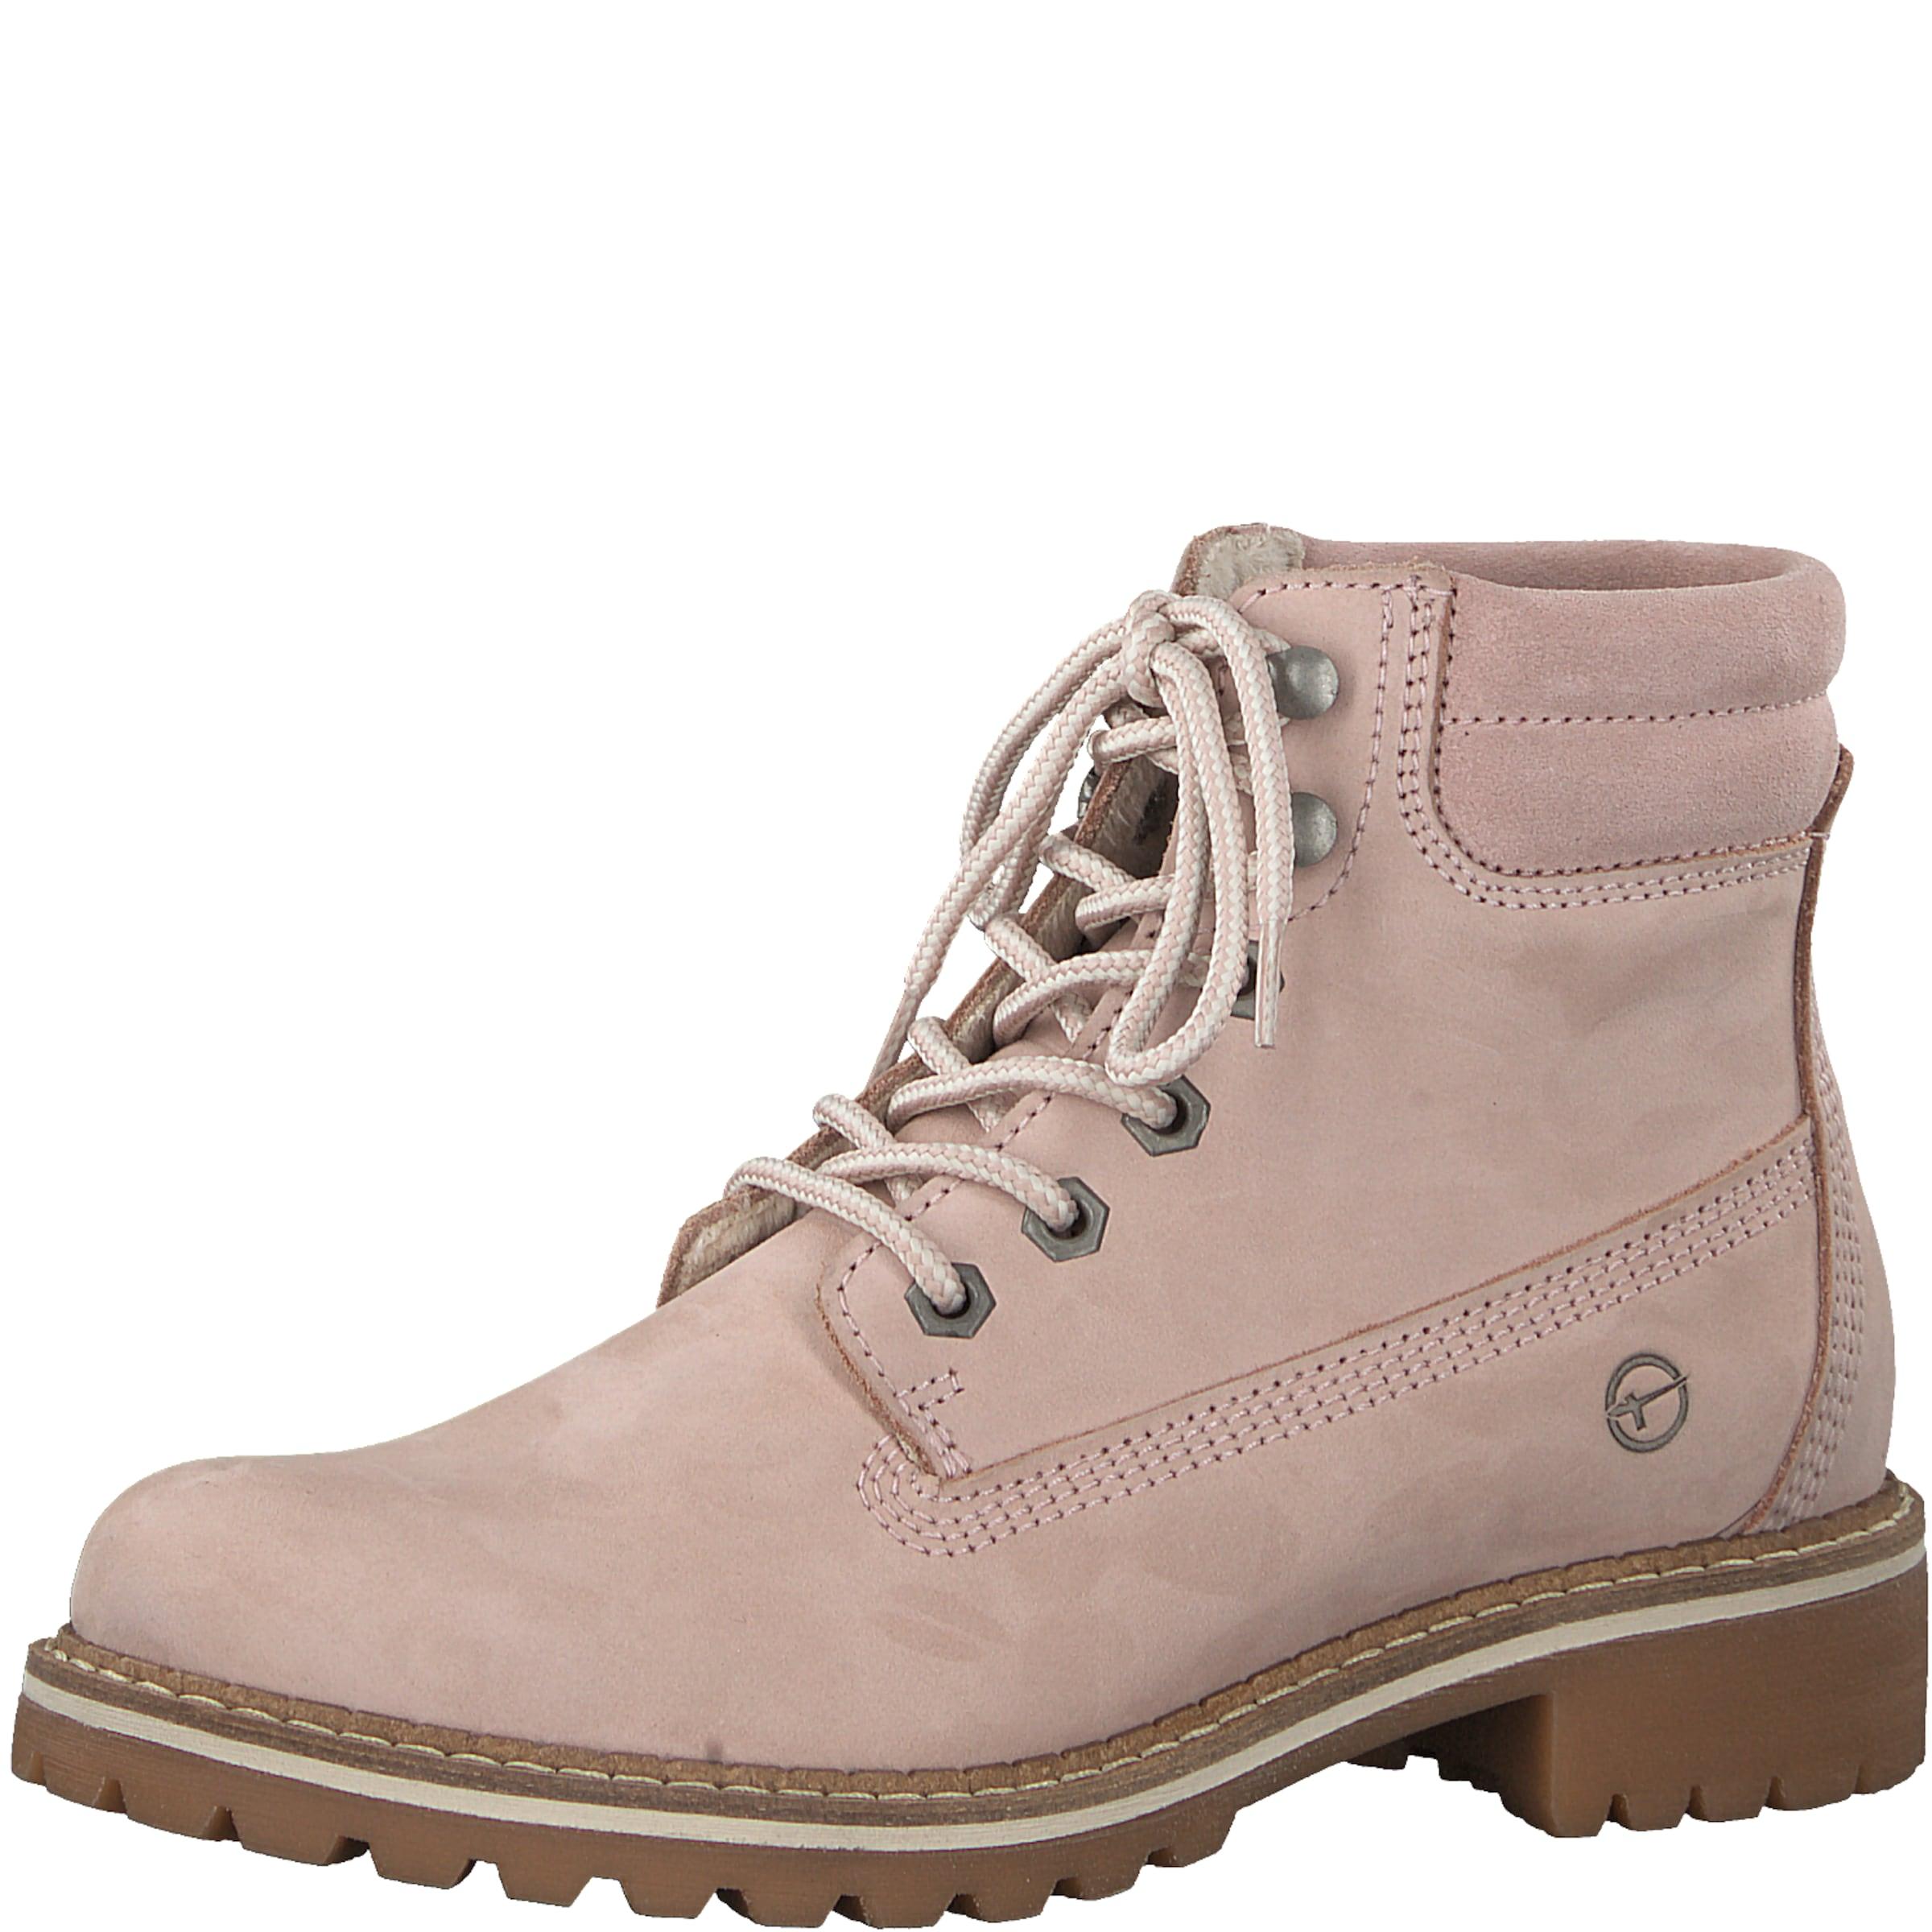 TAMARIS Boots Verschleißfeste billige Schuhe Hohe Qualität